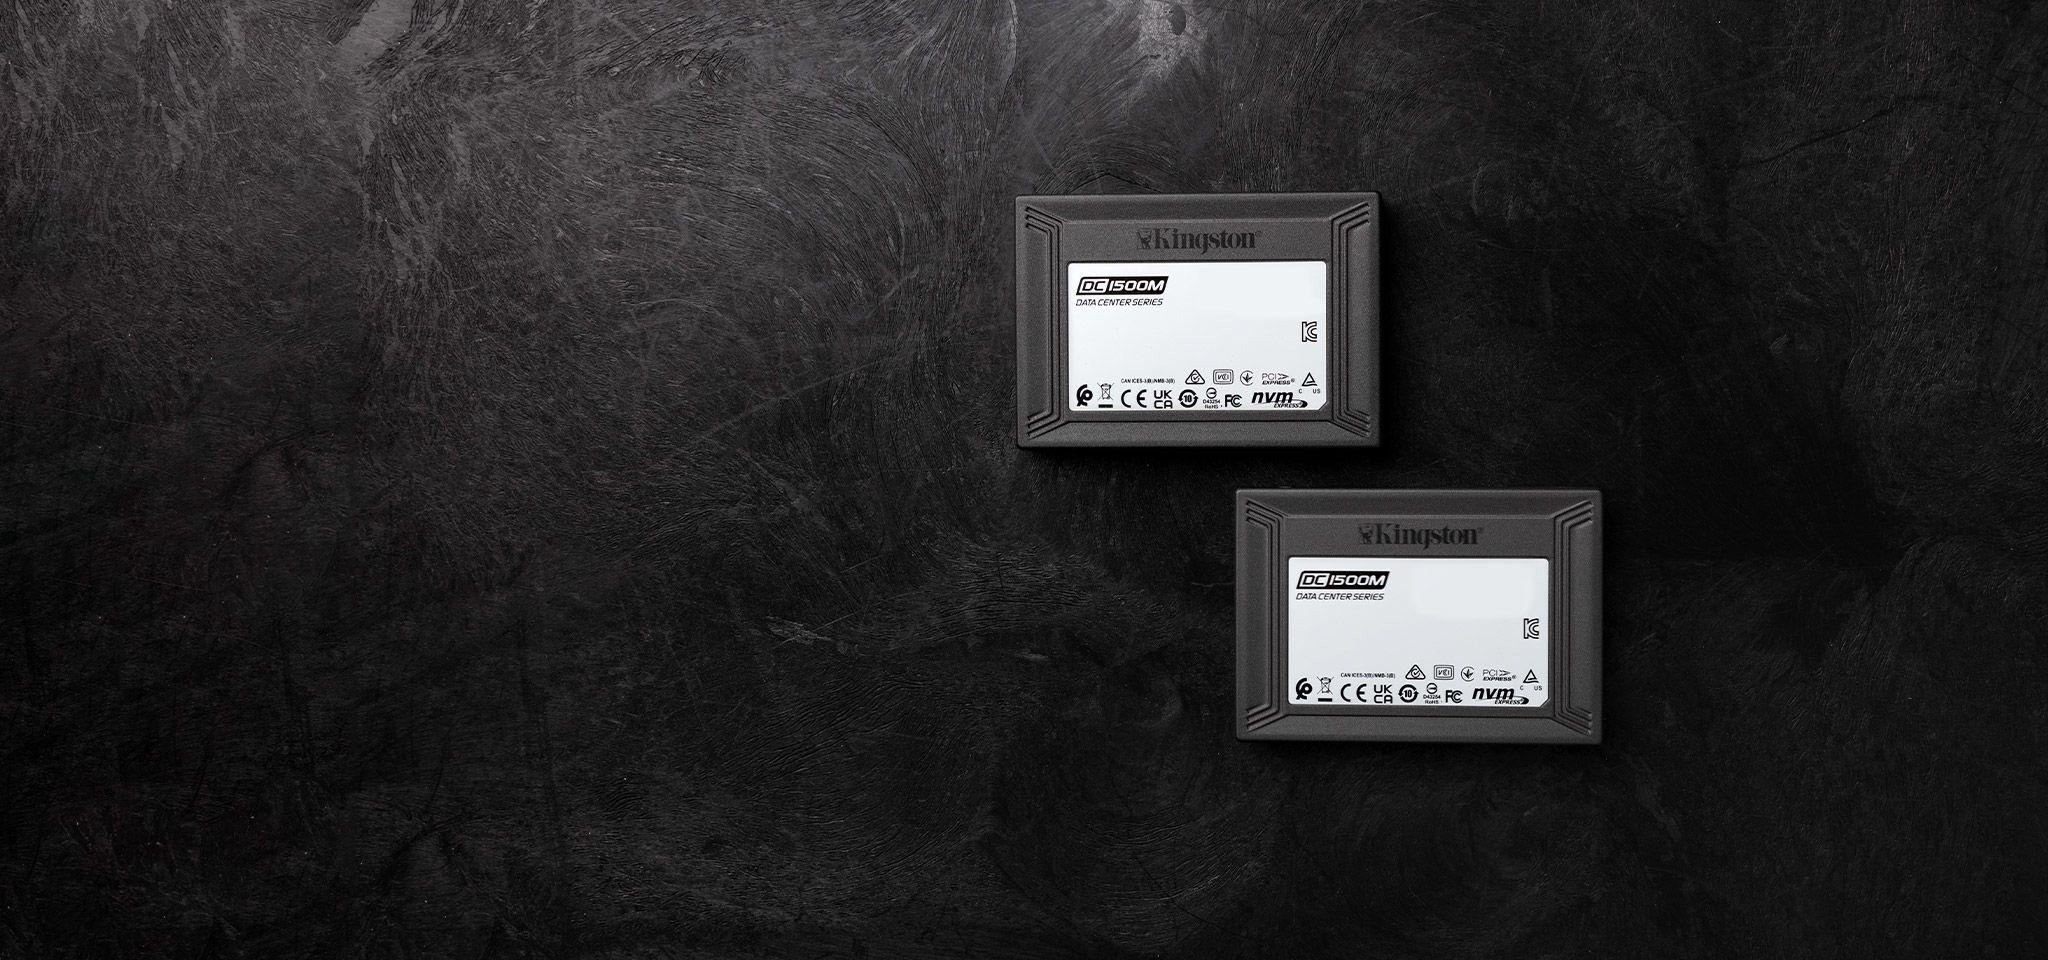 DC1500M U.2 기업용 SSD